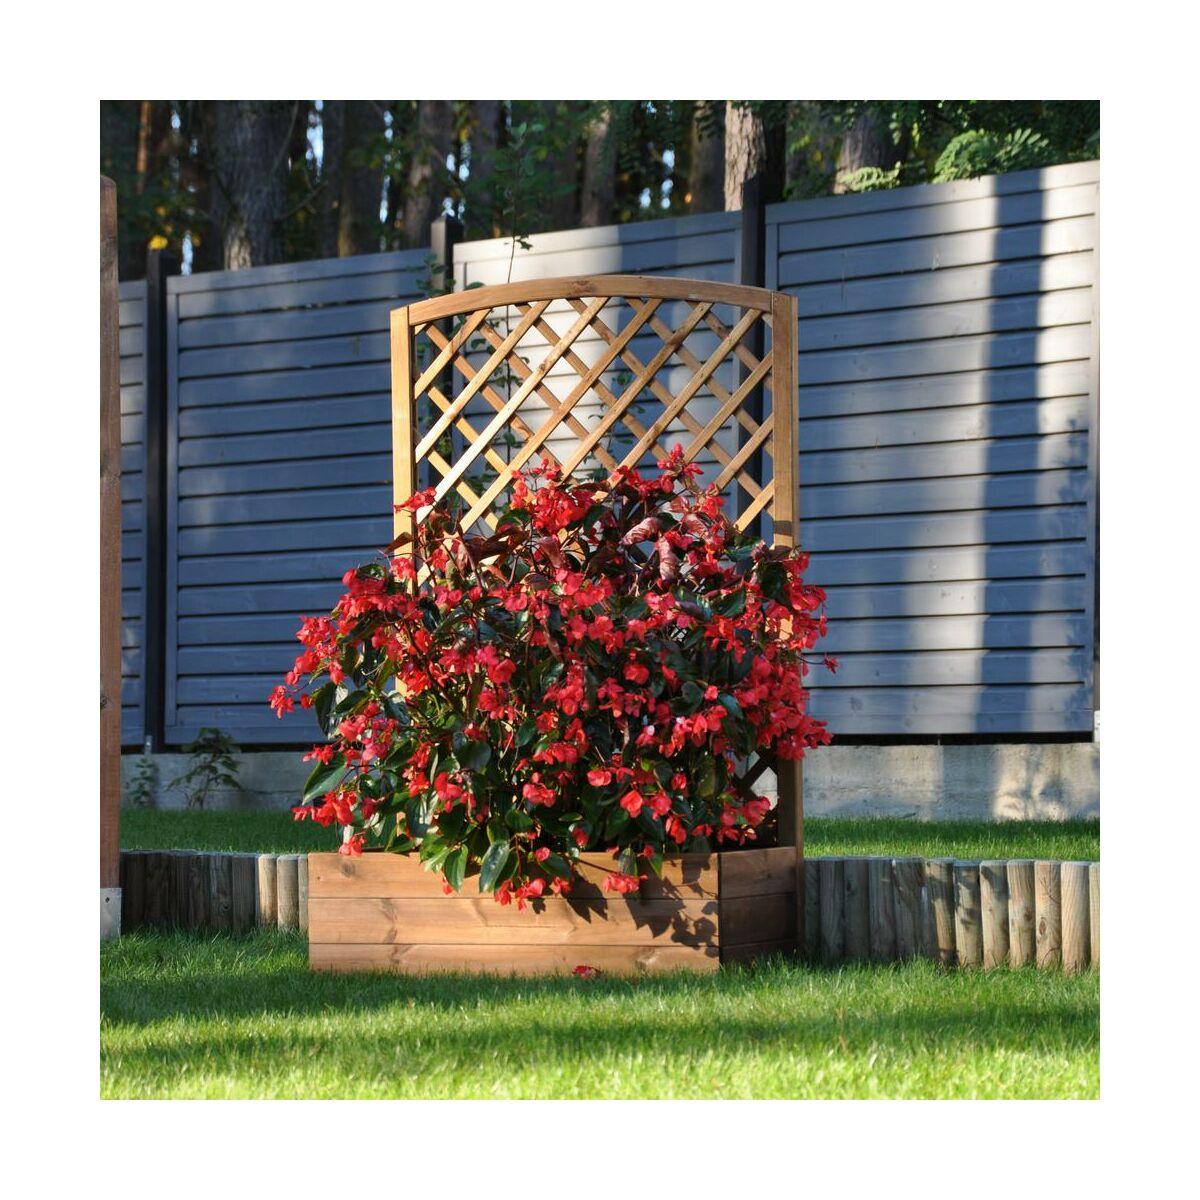 Donica Ogrodowa 40 X 90 X 141 6 Cm Drewniana Z Kratka Brazowa Nive Naterial Donice Ogrodowe W Atrakcyjnej Cenie W Sklepach Leroy Merlin